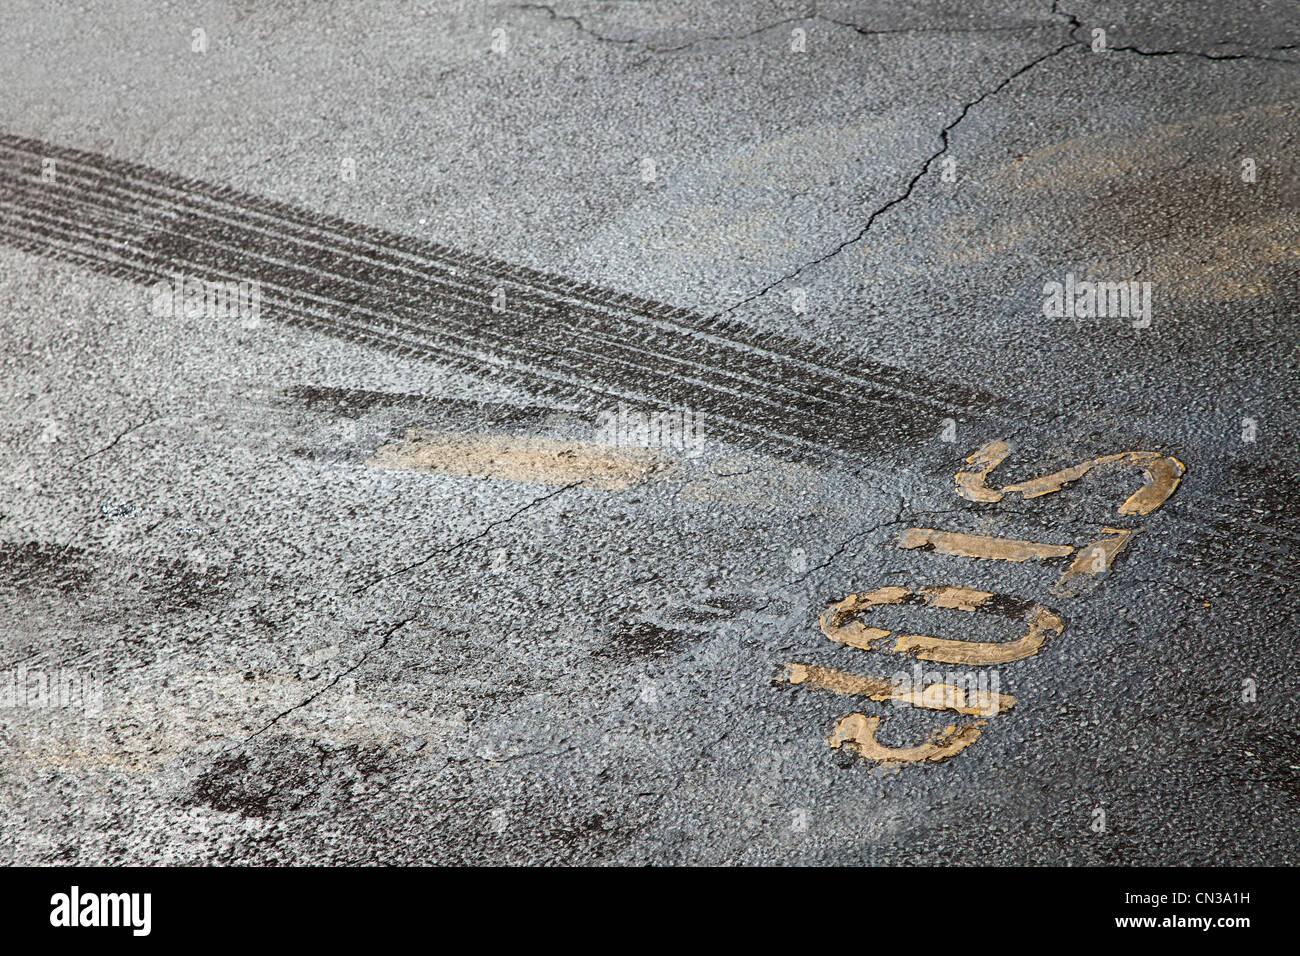 Les traces de pneus et de panneau d'arrêt Photo Stock